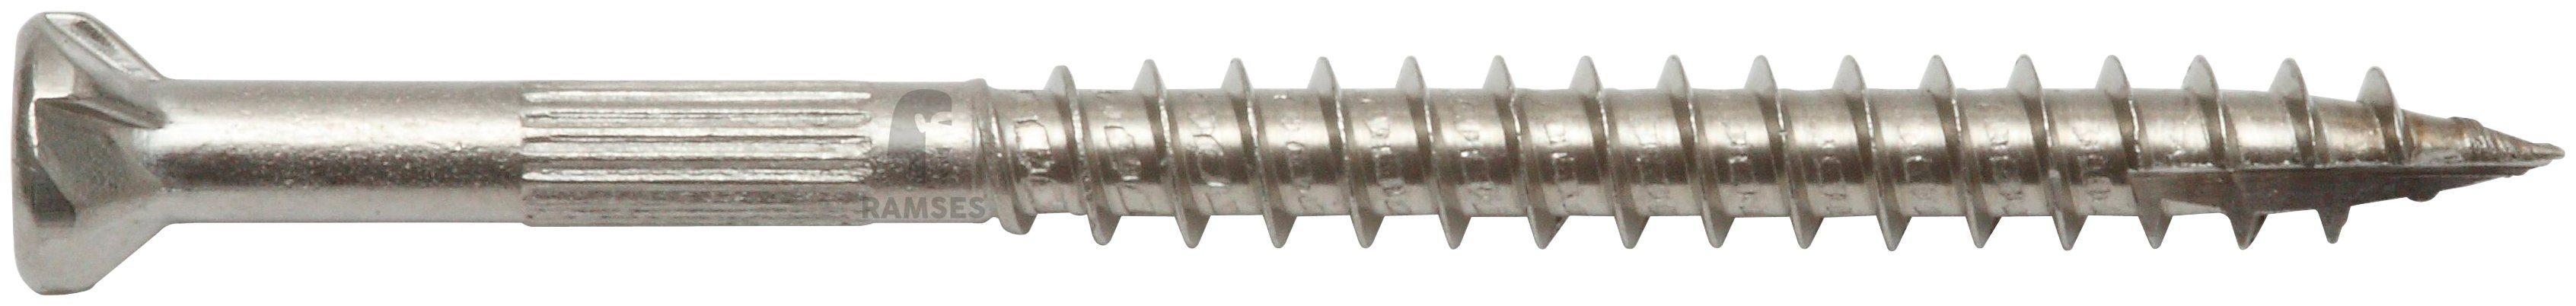 RAMSES Schrauben , Zaunschraube 4,5 x 40 mm mit Bit 150 Stk.